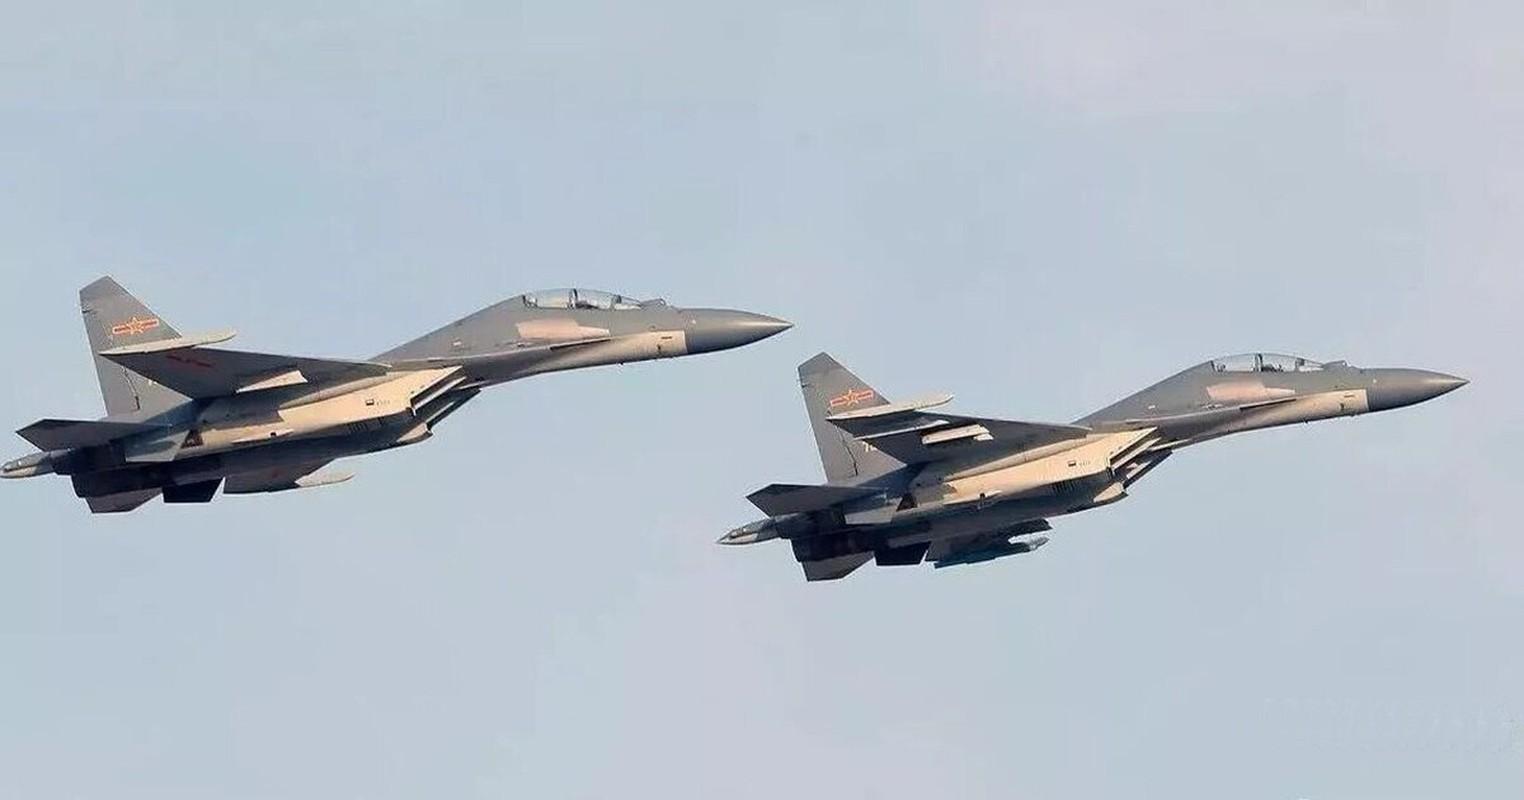 Trung Quoc chi can J-16 de chong lai Su-30 va Rafale cua An Do?-Hinh-2